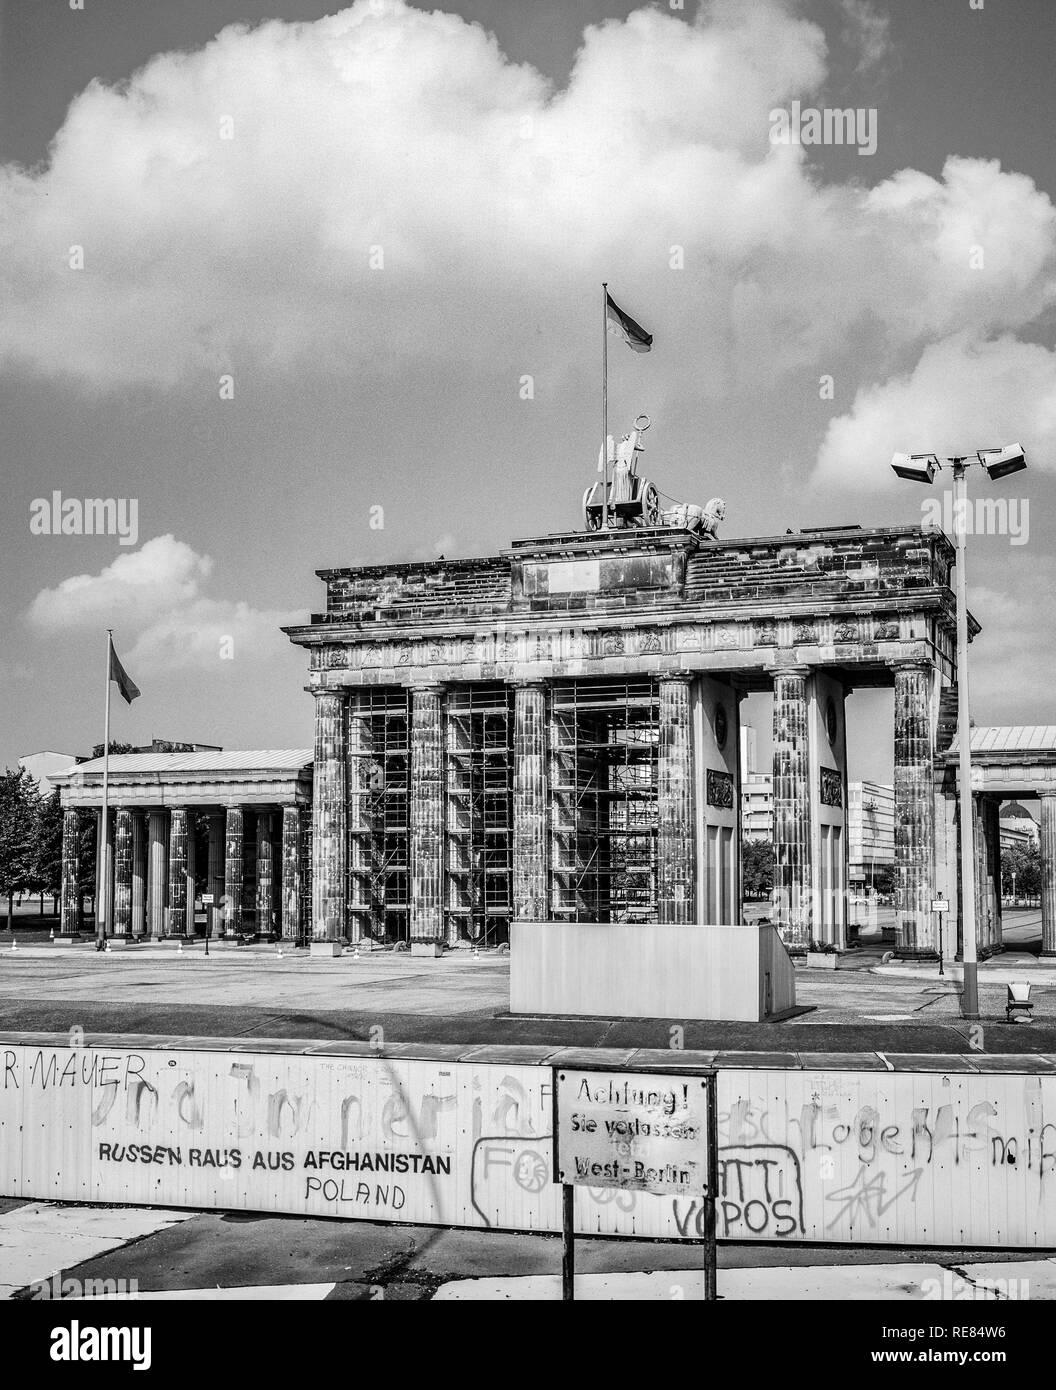 Agosto de 1986, el muro de Berlín y la Puerta de Brandenburgo en Berlín Oriental, Berlín occidental, Alemania, Europa, Imagen De Stock